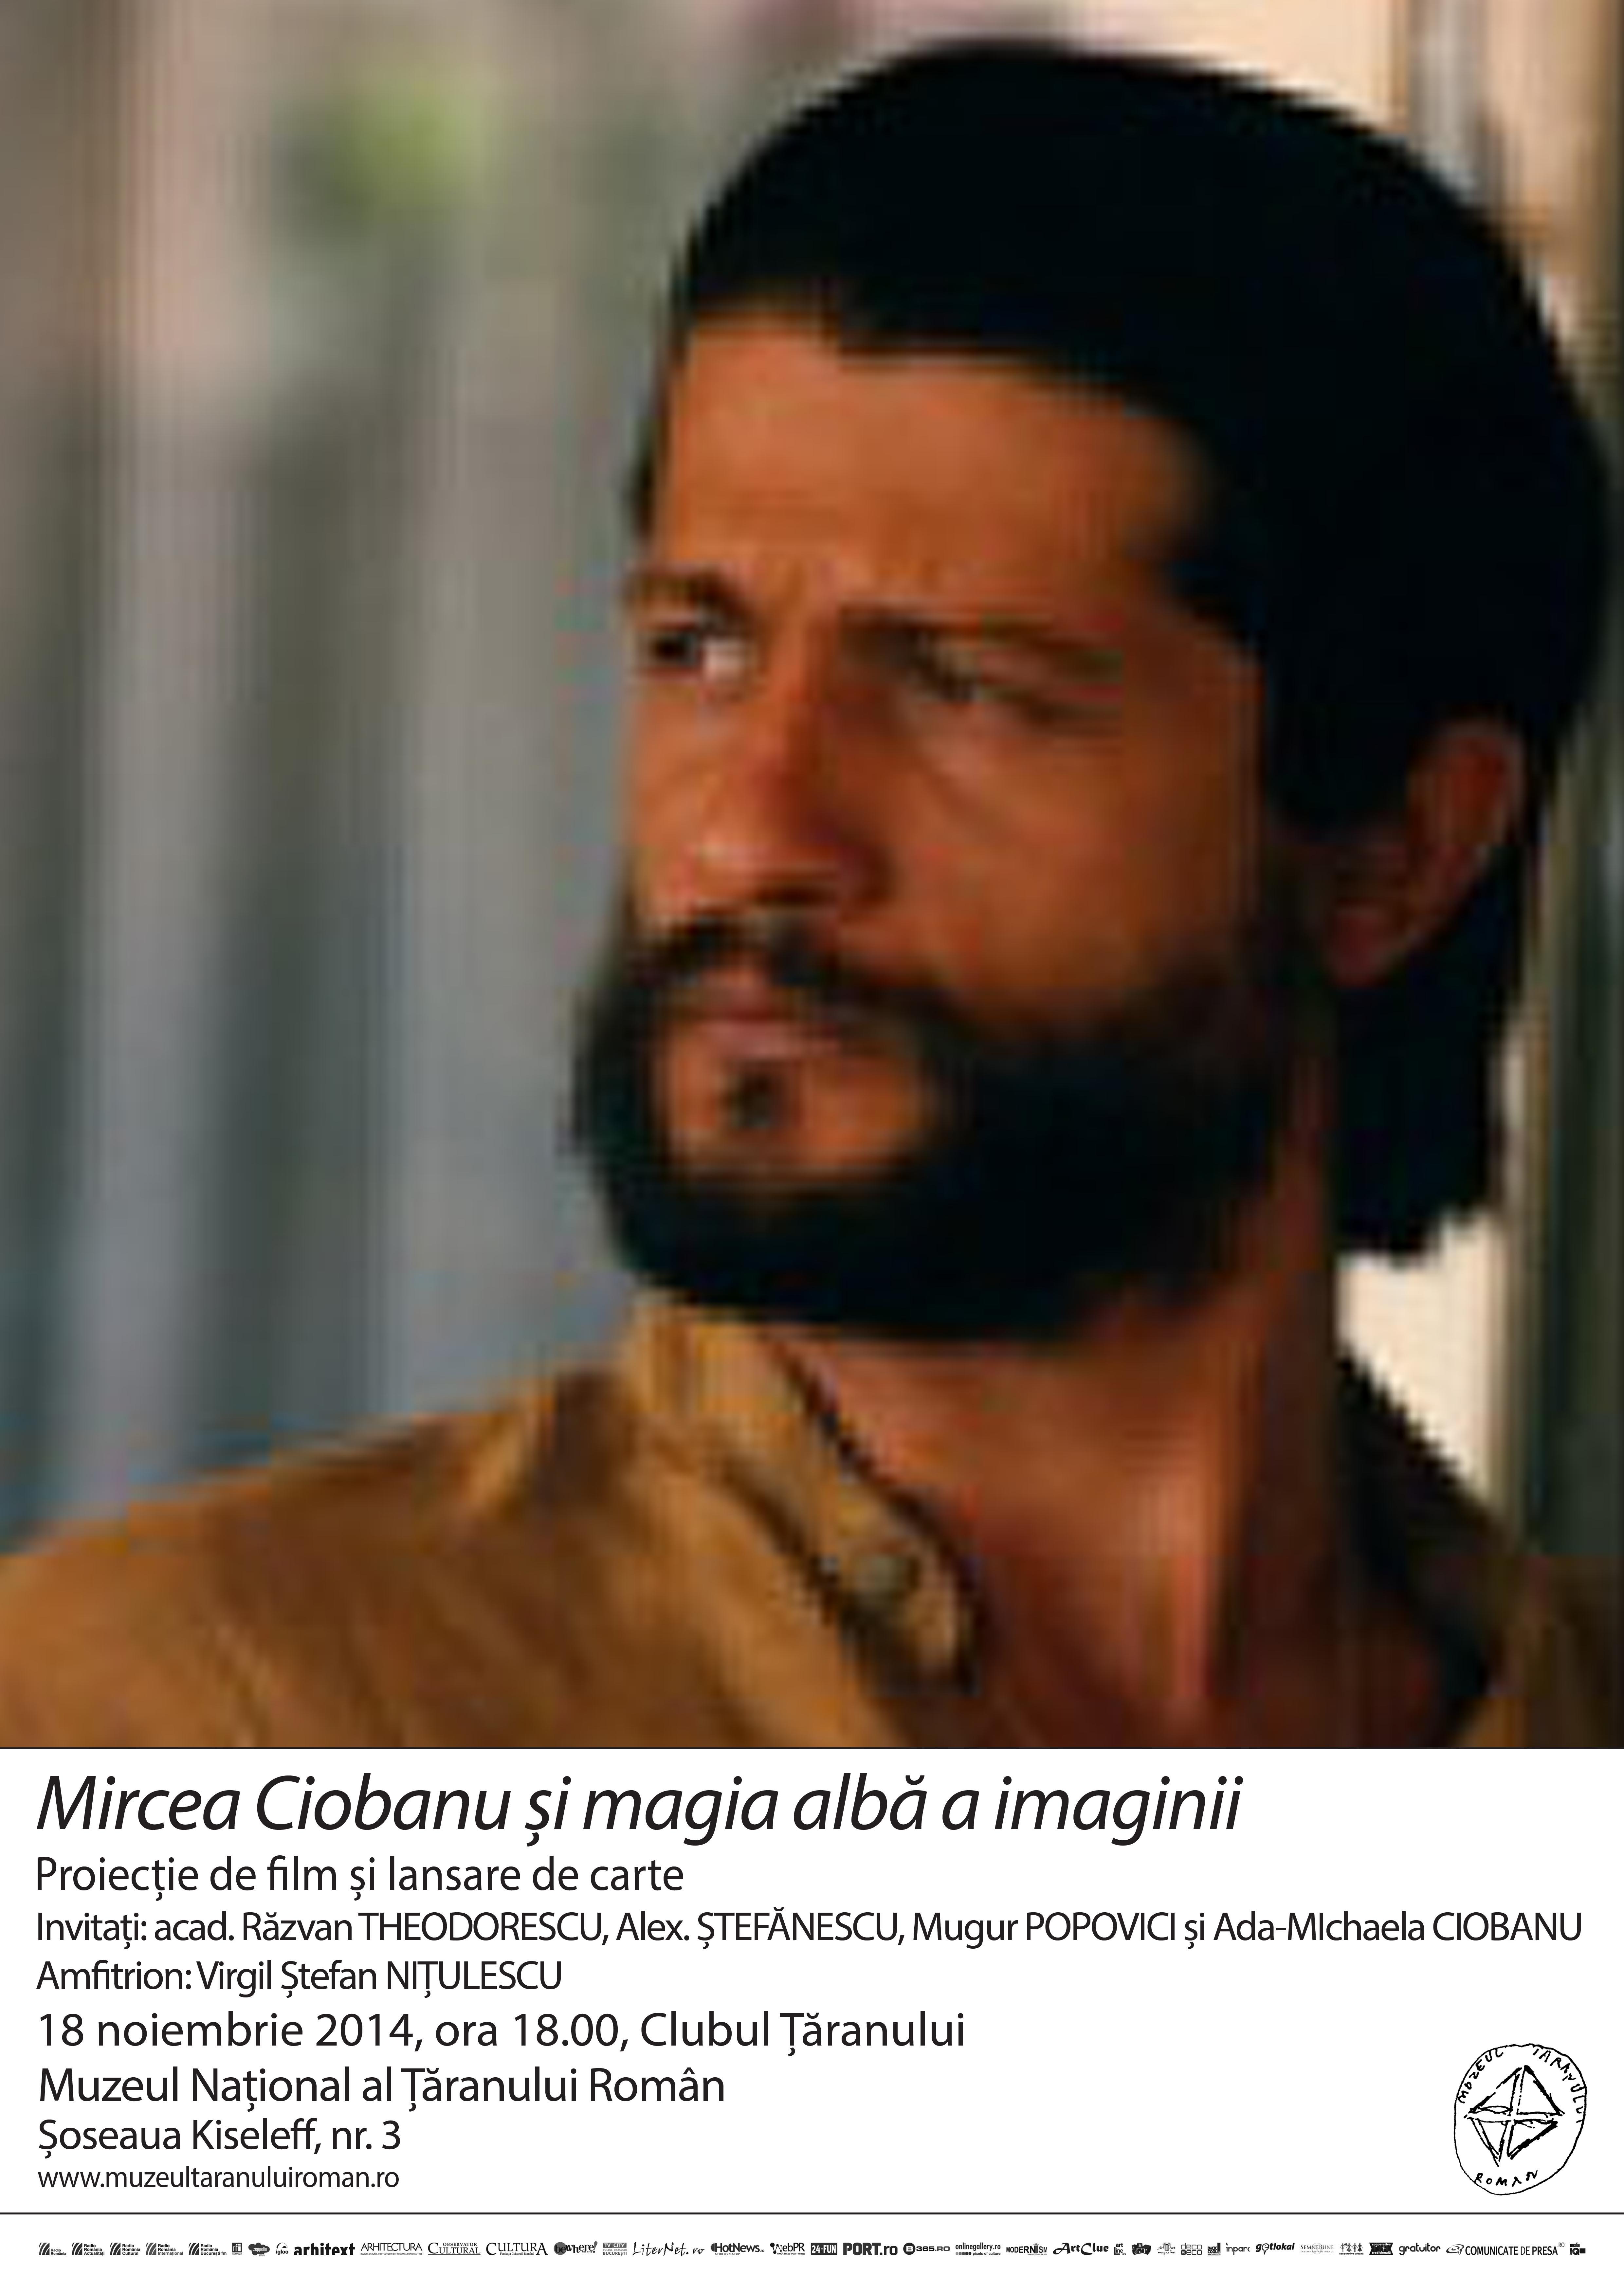 Mircea Ciobanu și magia albă a imaginii @ MTR